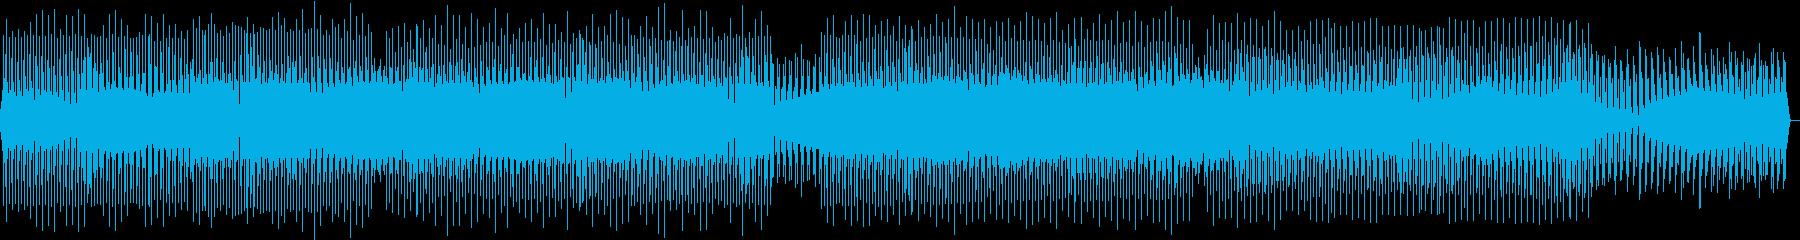 トライバルなテックハウスの再生済みの波形